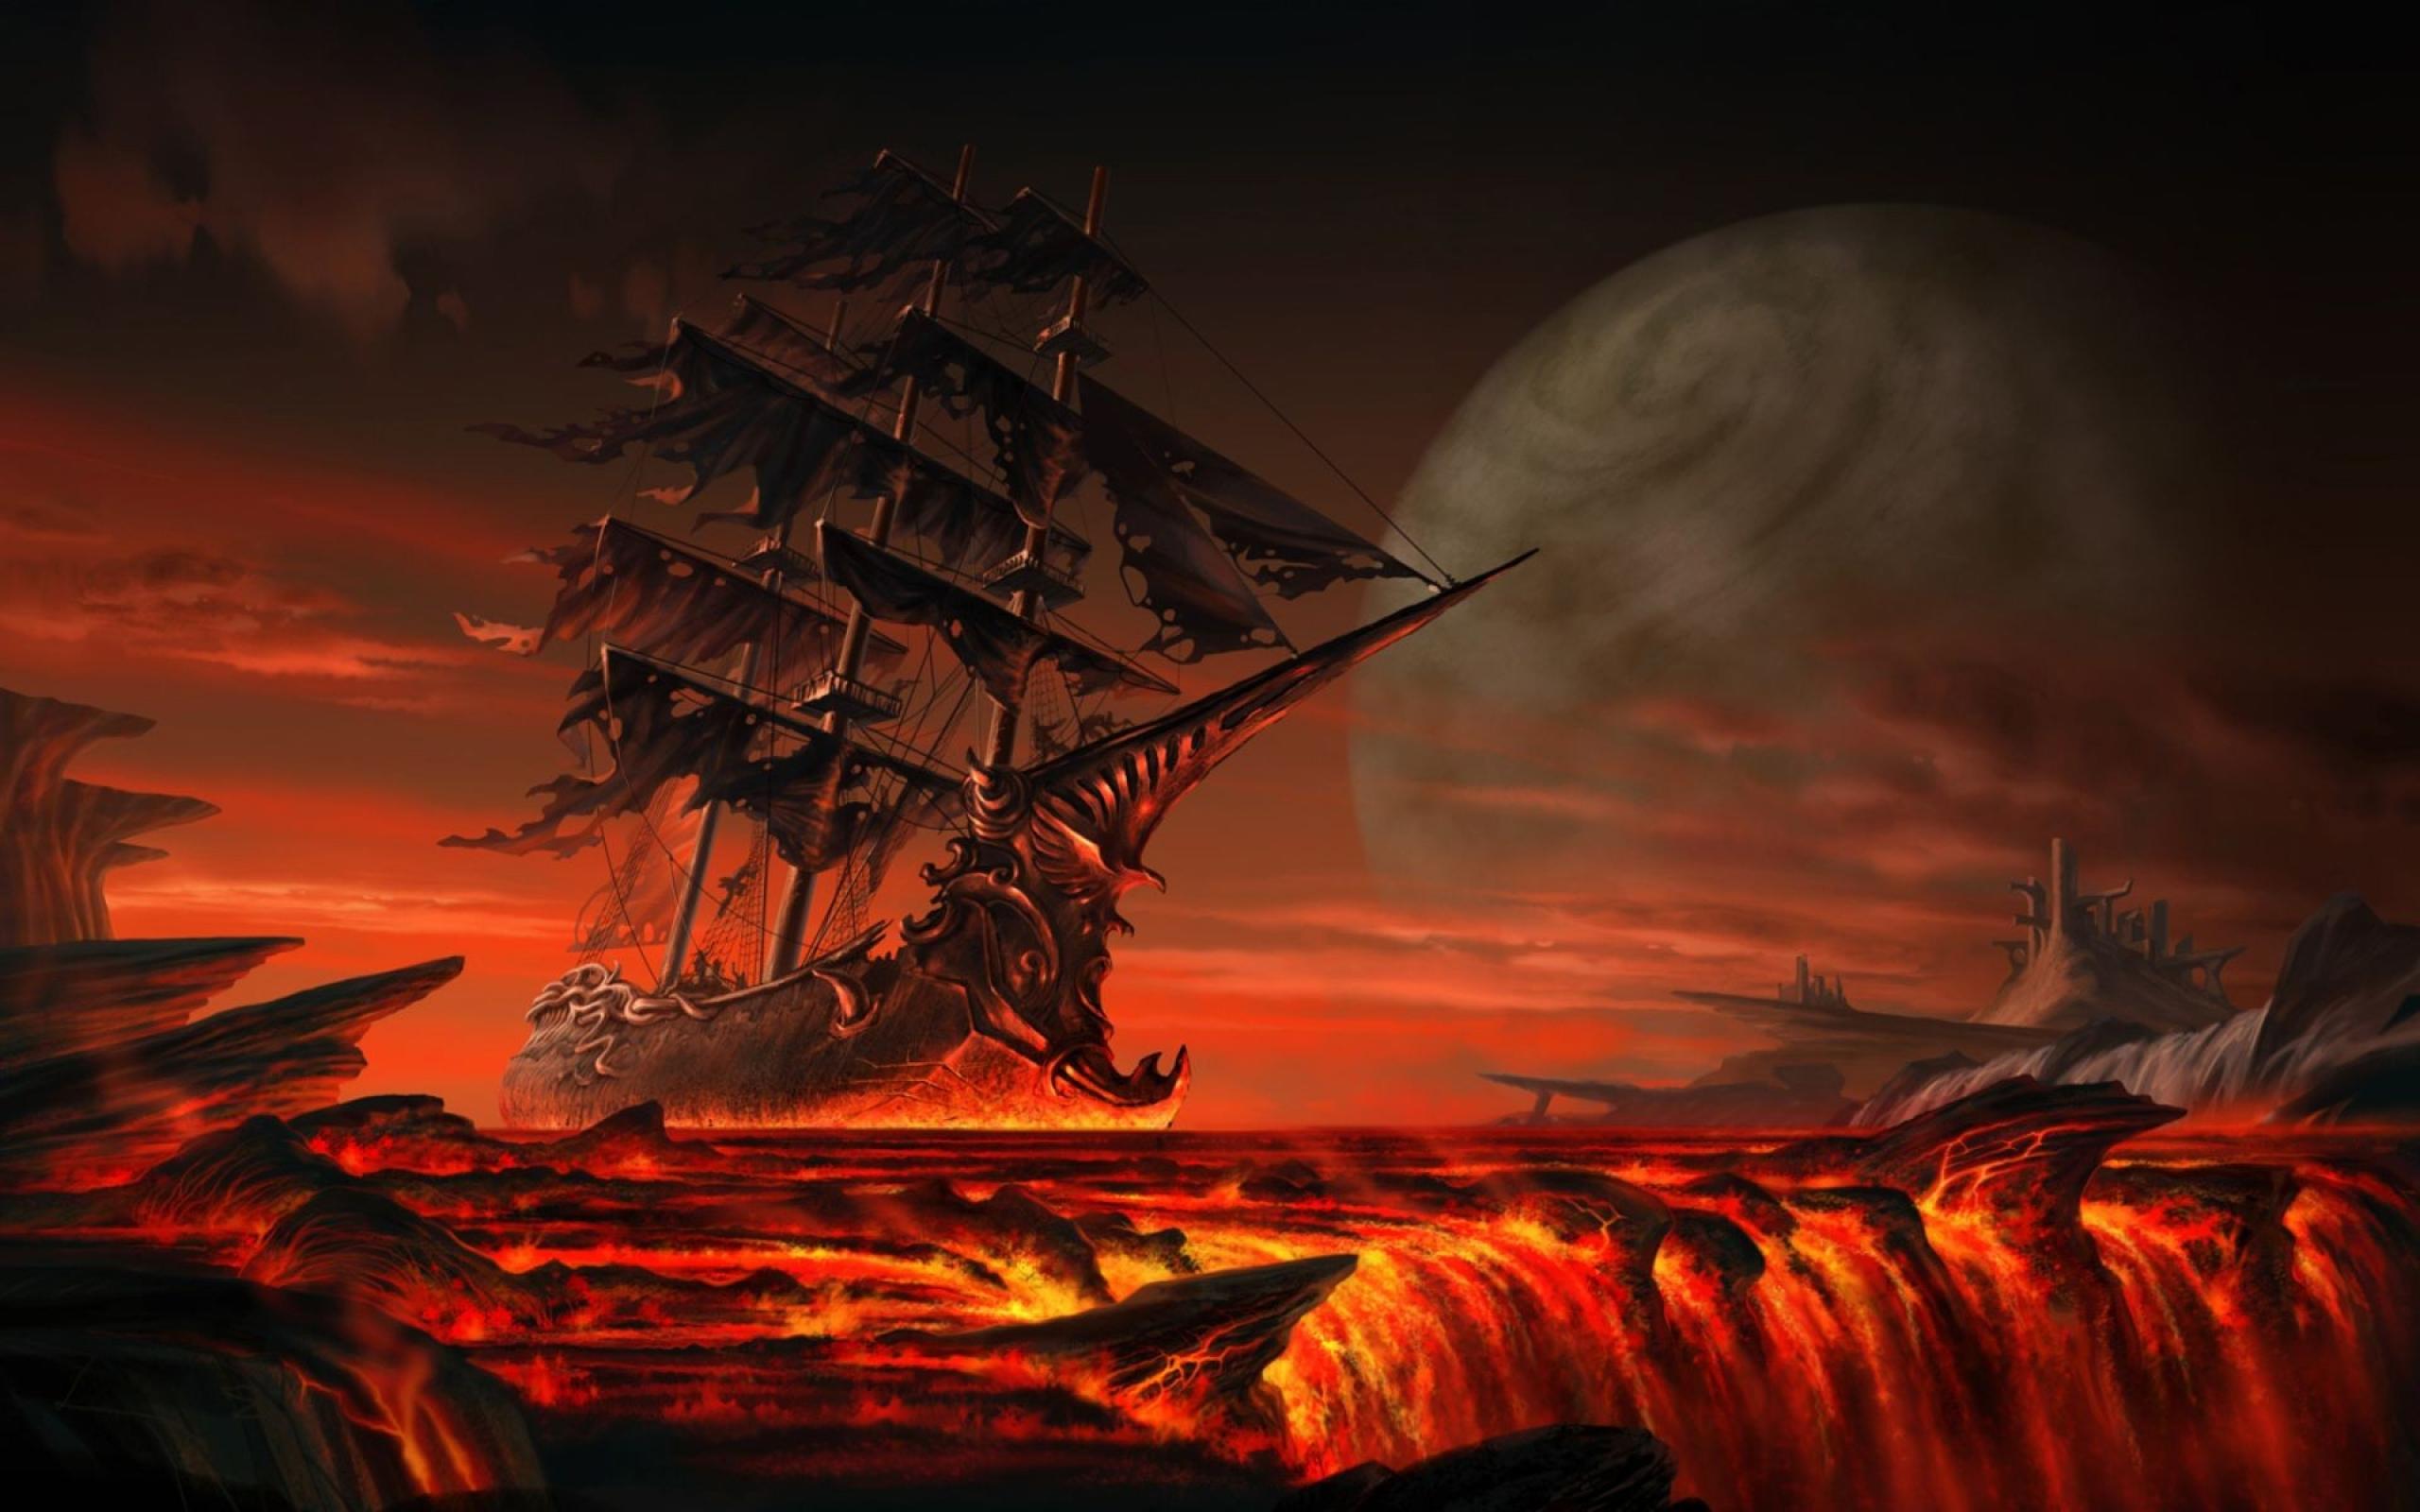 fantasia de navio navio fantasma From Hell Vetor   ForWallpapercom 2560x1600